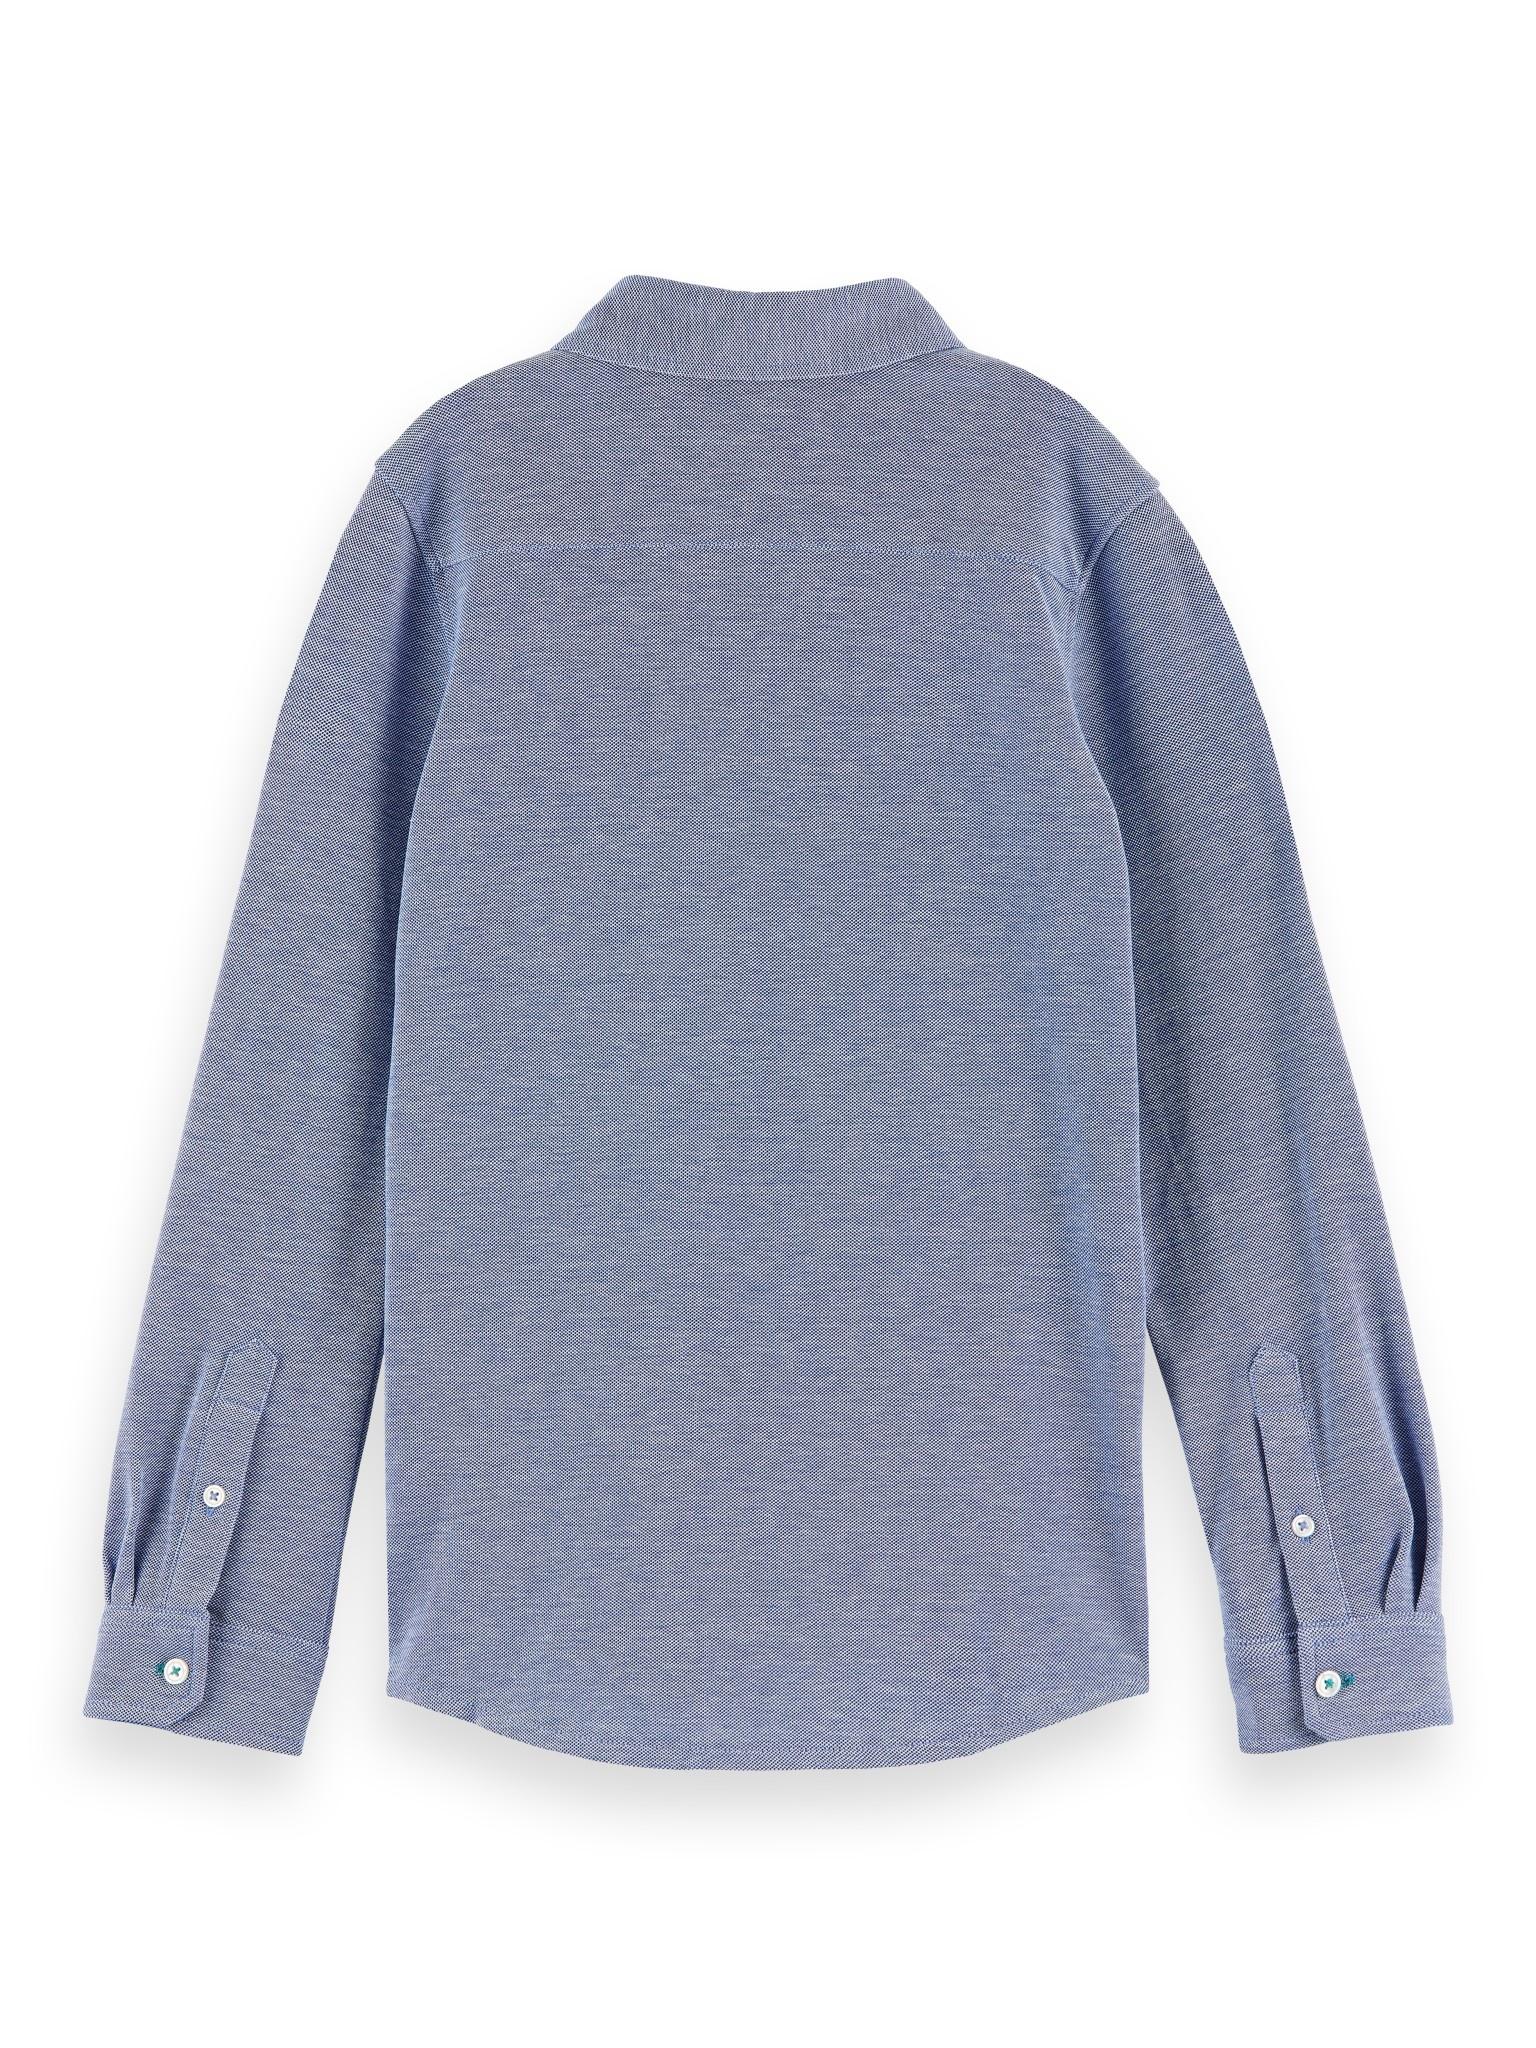 Scotch Shrunk Scotch - Longsleeve t-shirt 3200, 157653